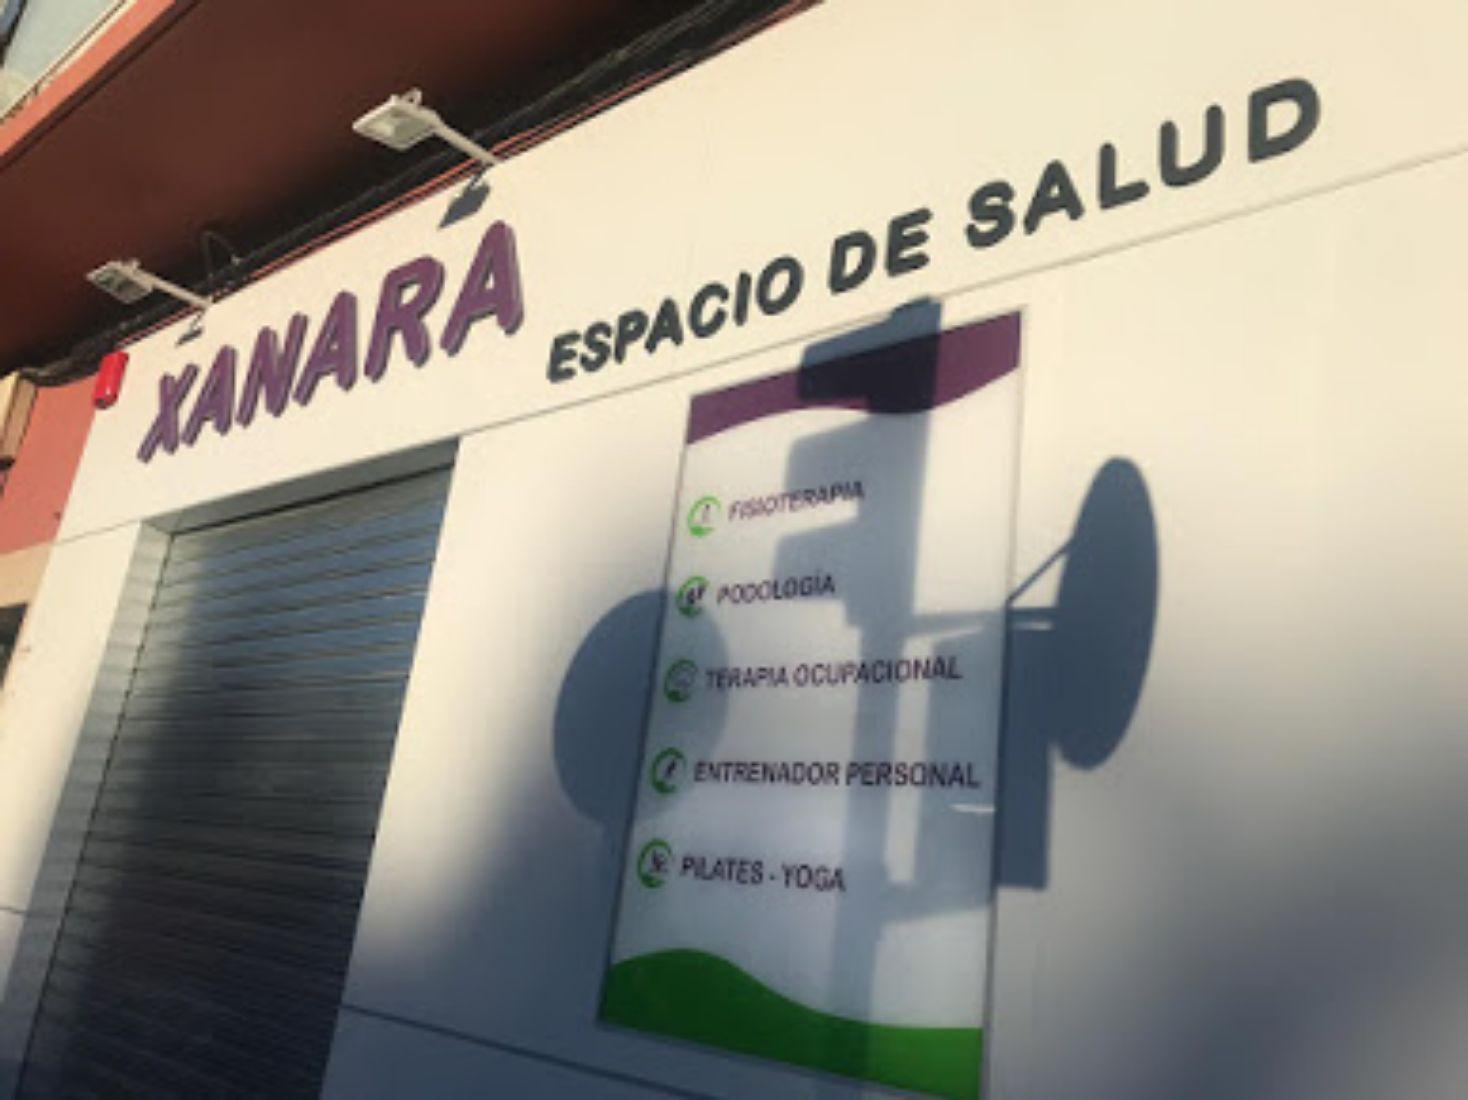 Espacio de salud en Zaragoza